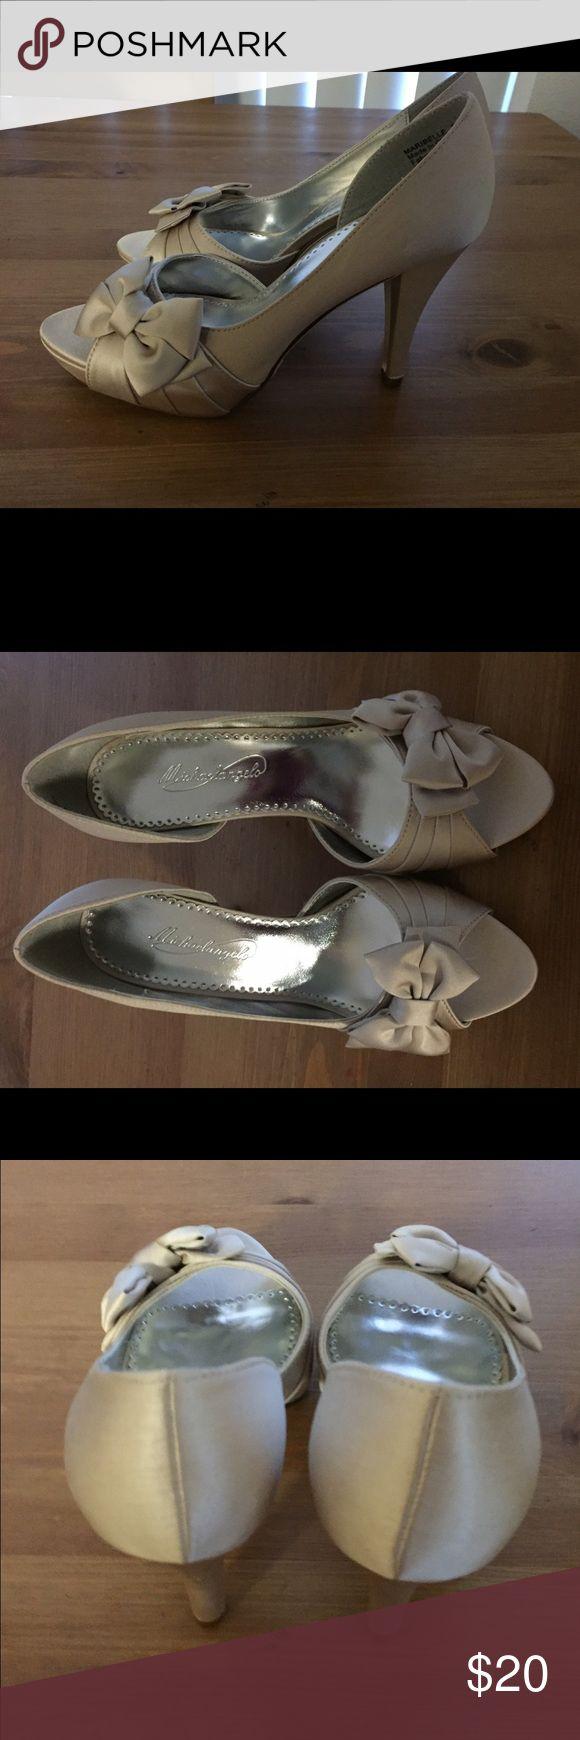 David's bridal satin mirabella bow heels Davids bridal Mirabella satin peep toe heels with cute bow David's Bridal Shoes Heels